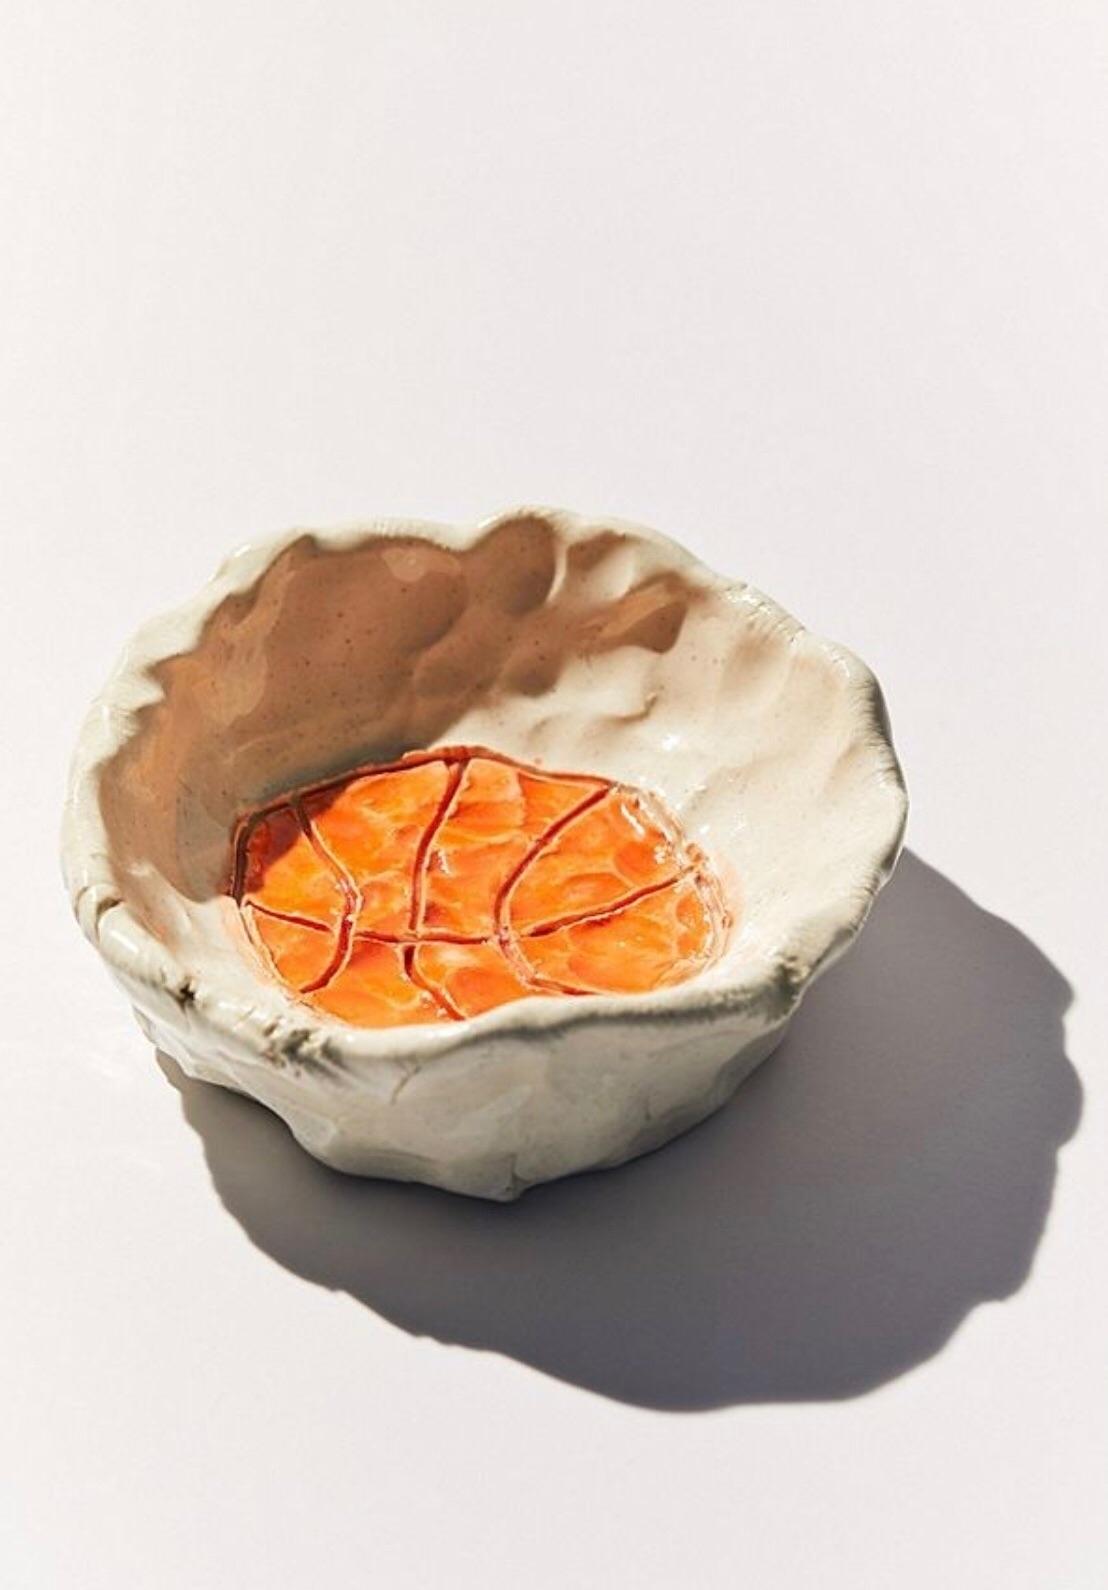 ashtray - superchillandcool420 | ello